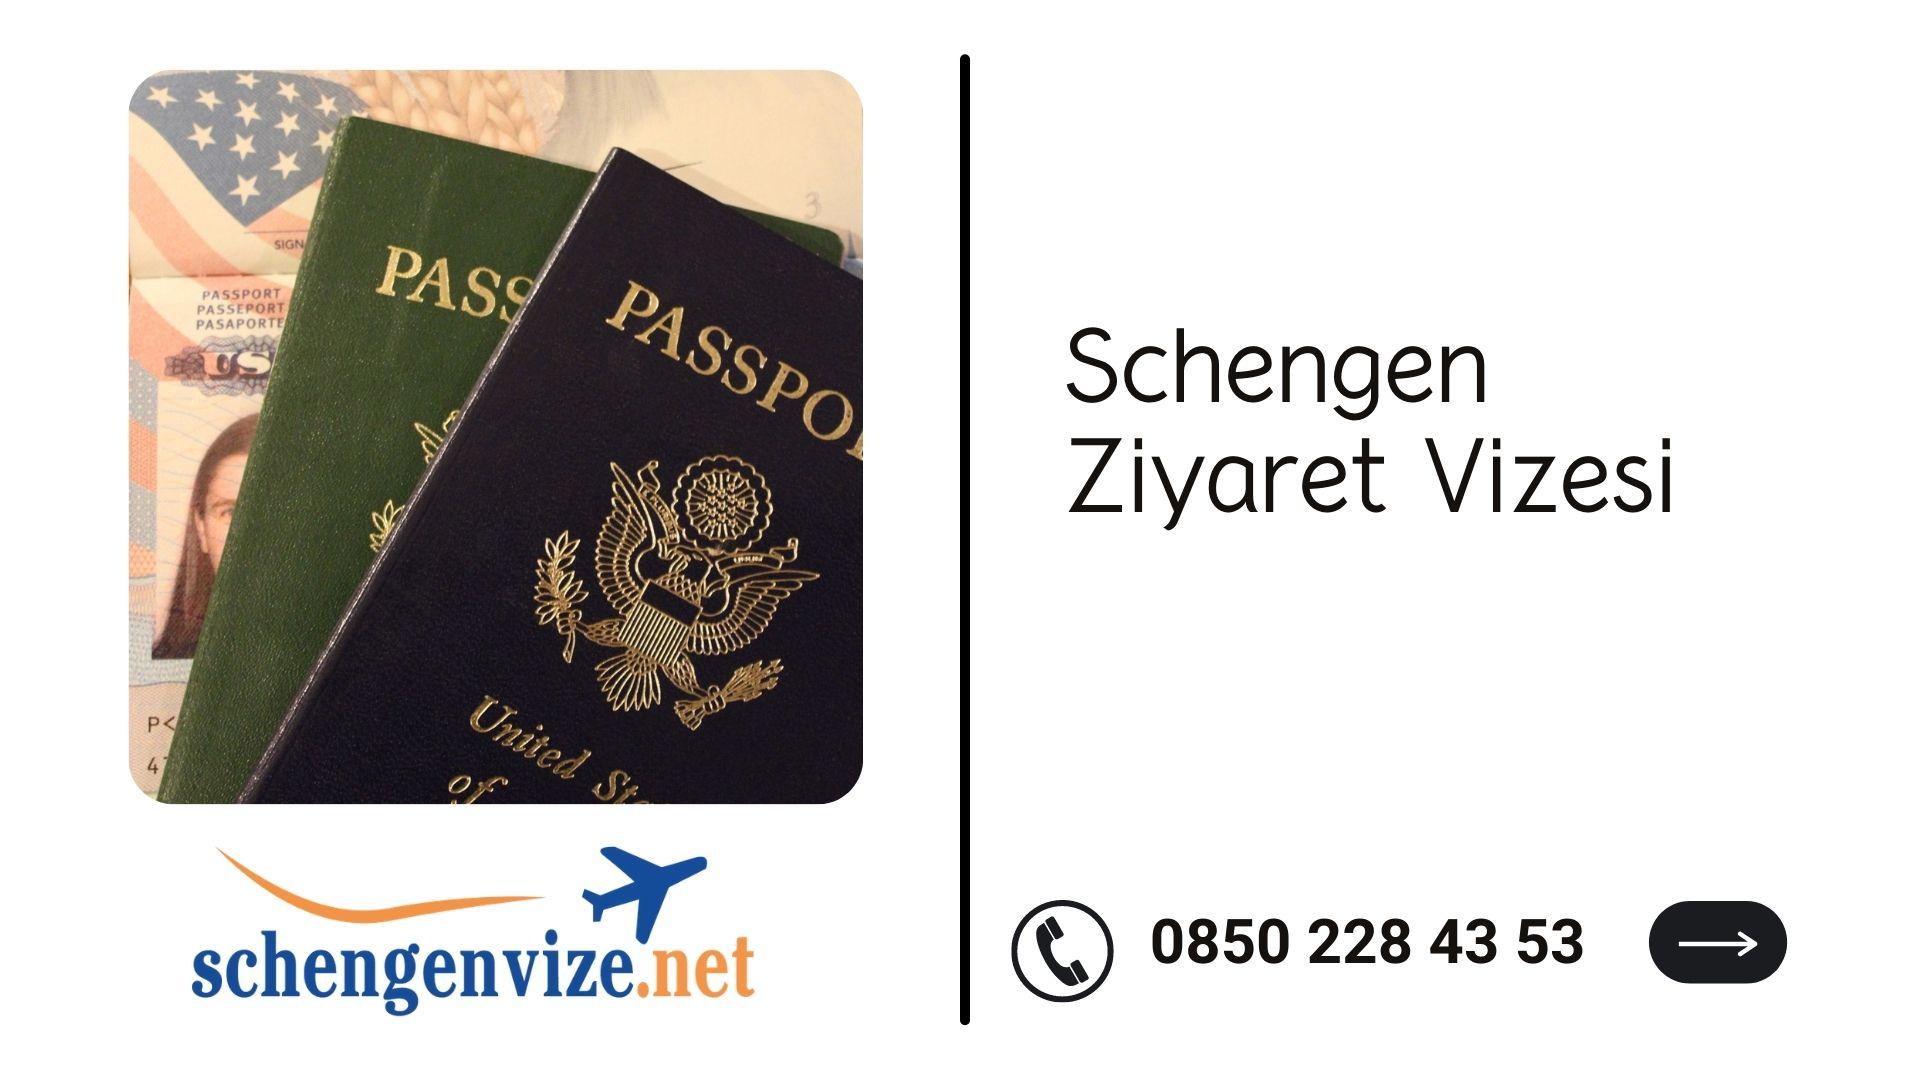 Schengen Ziyaret Vizesi